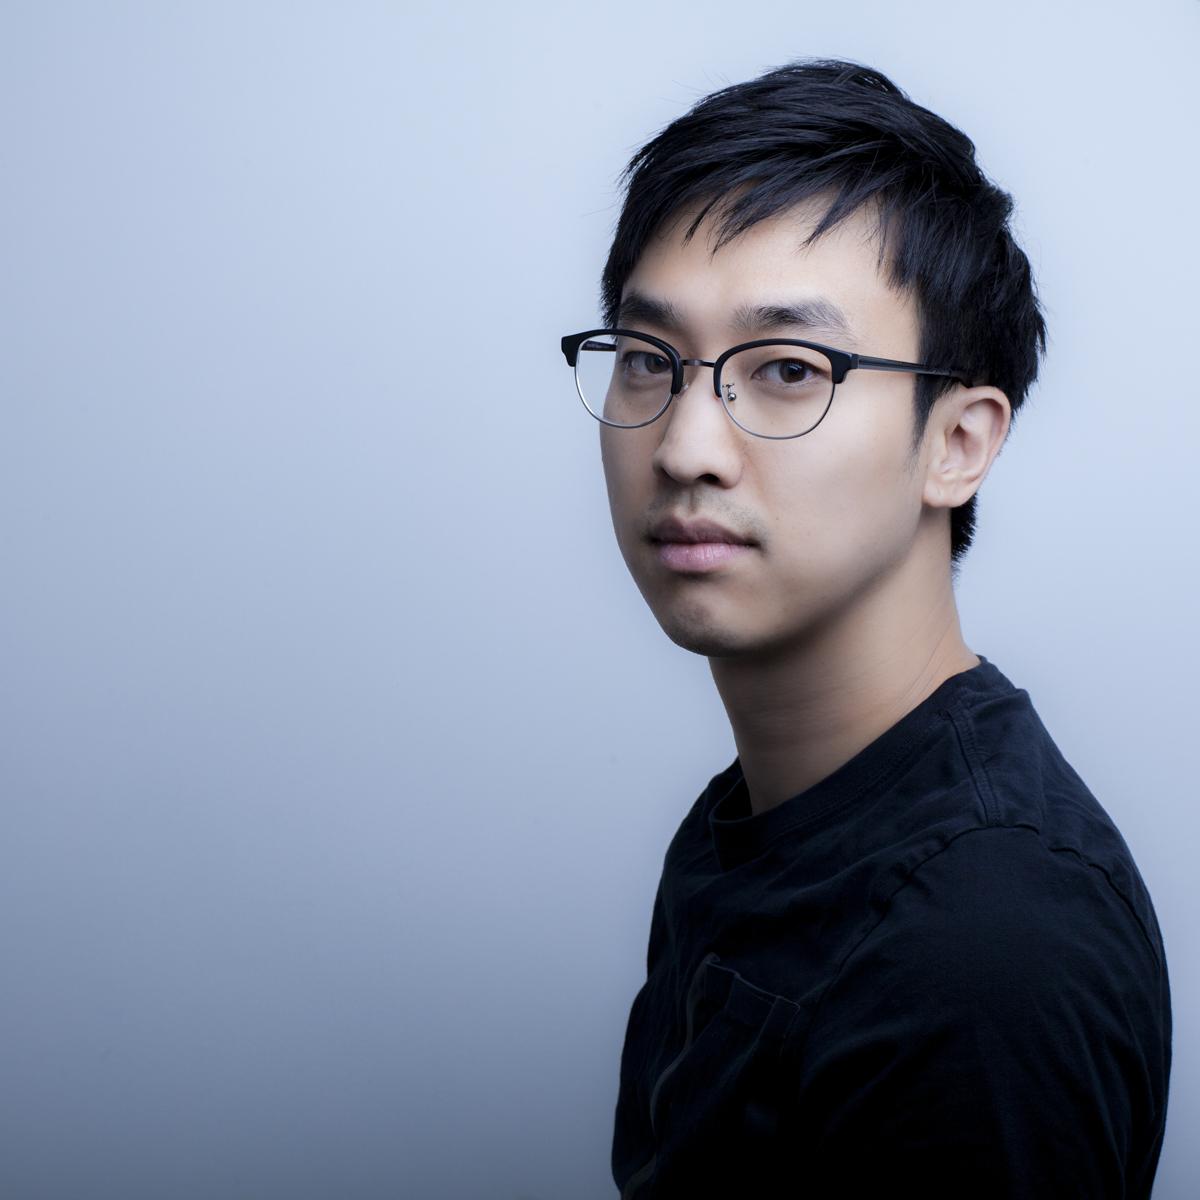 YeongUngYang_ProfilePic.jpg